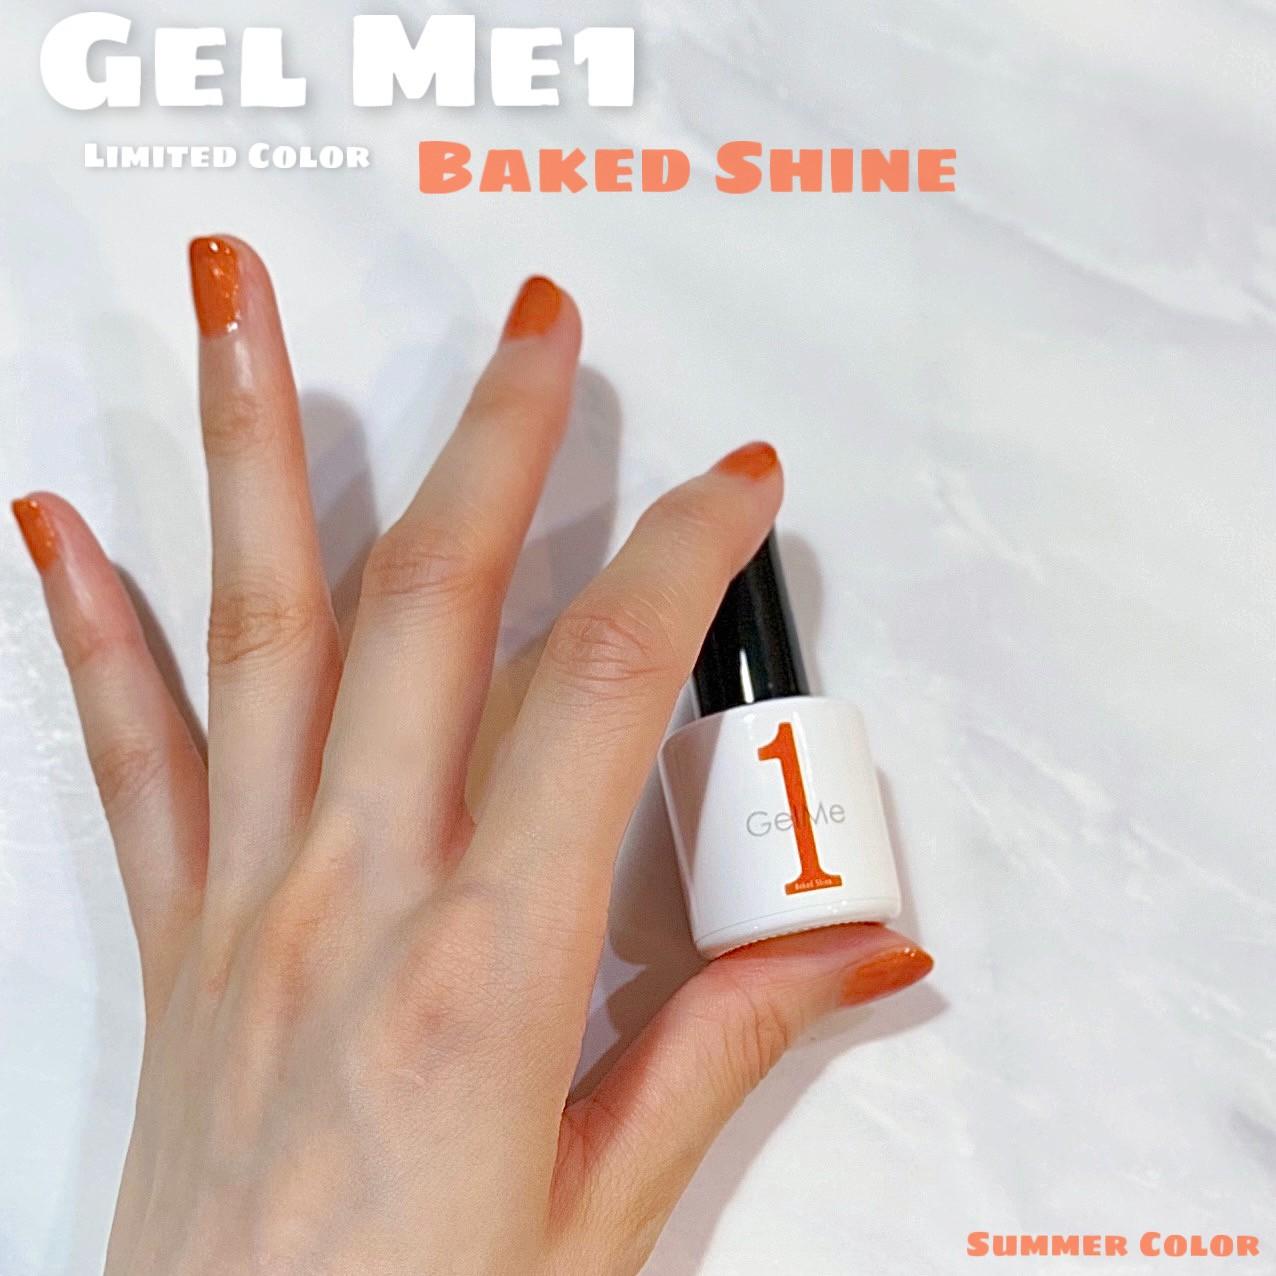 夏っぽいオレンジがかわいい!GelMe1で簡単ジェルネイル!